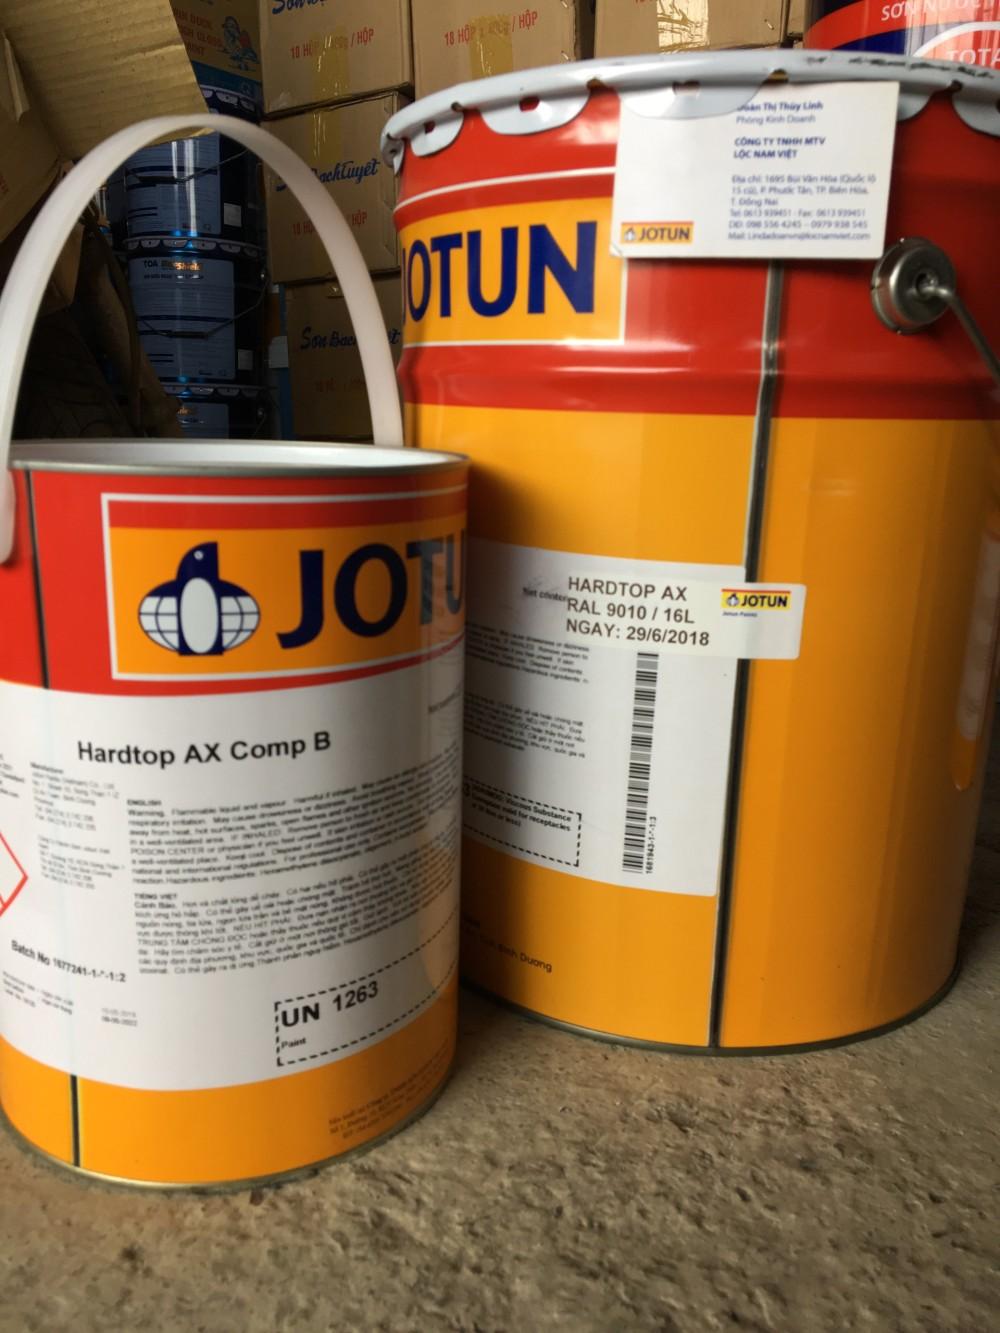 SON JOTUN HARDTOP AX 9010 16L (1).jpg